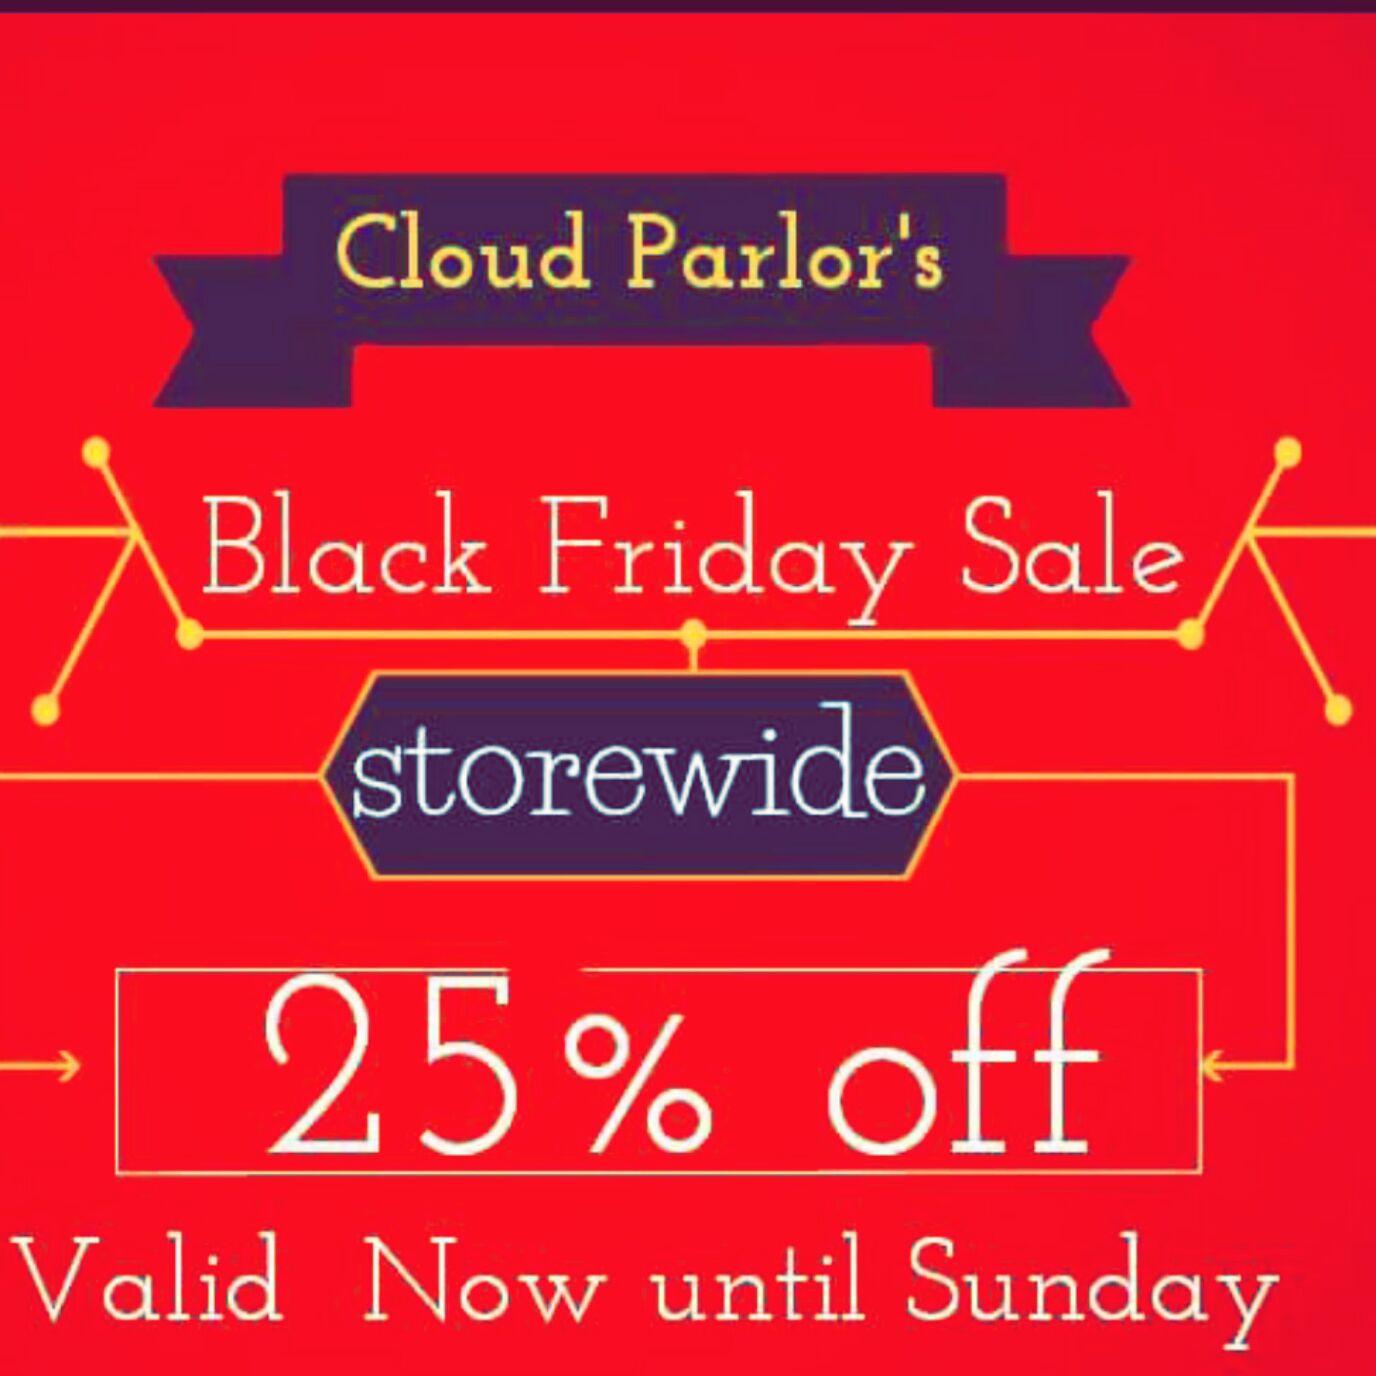 Cloud Parlor Vape Shop image 89